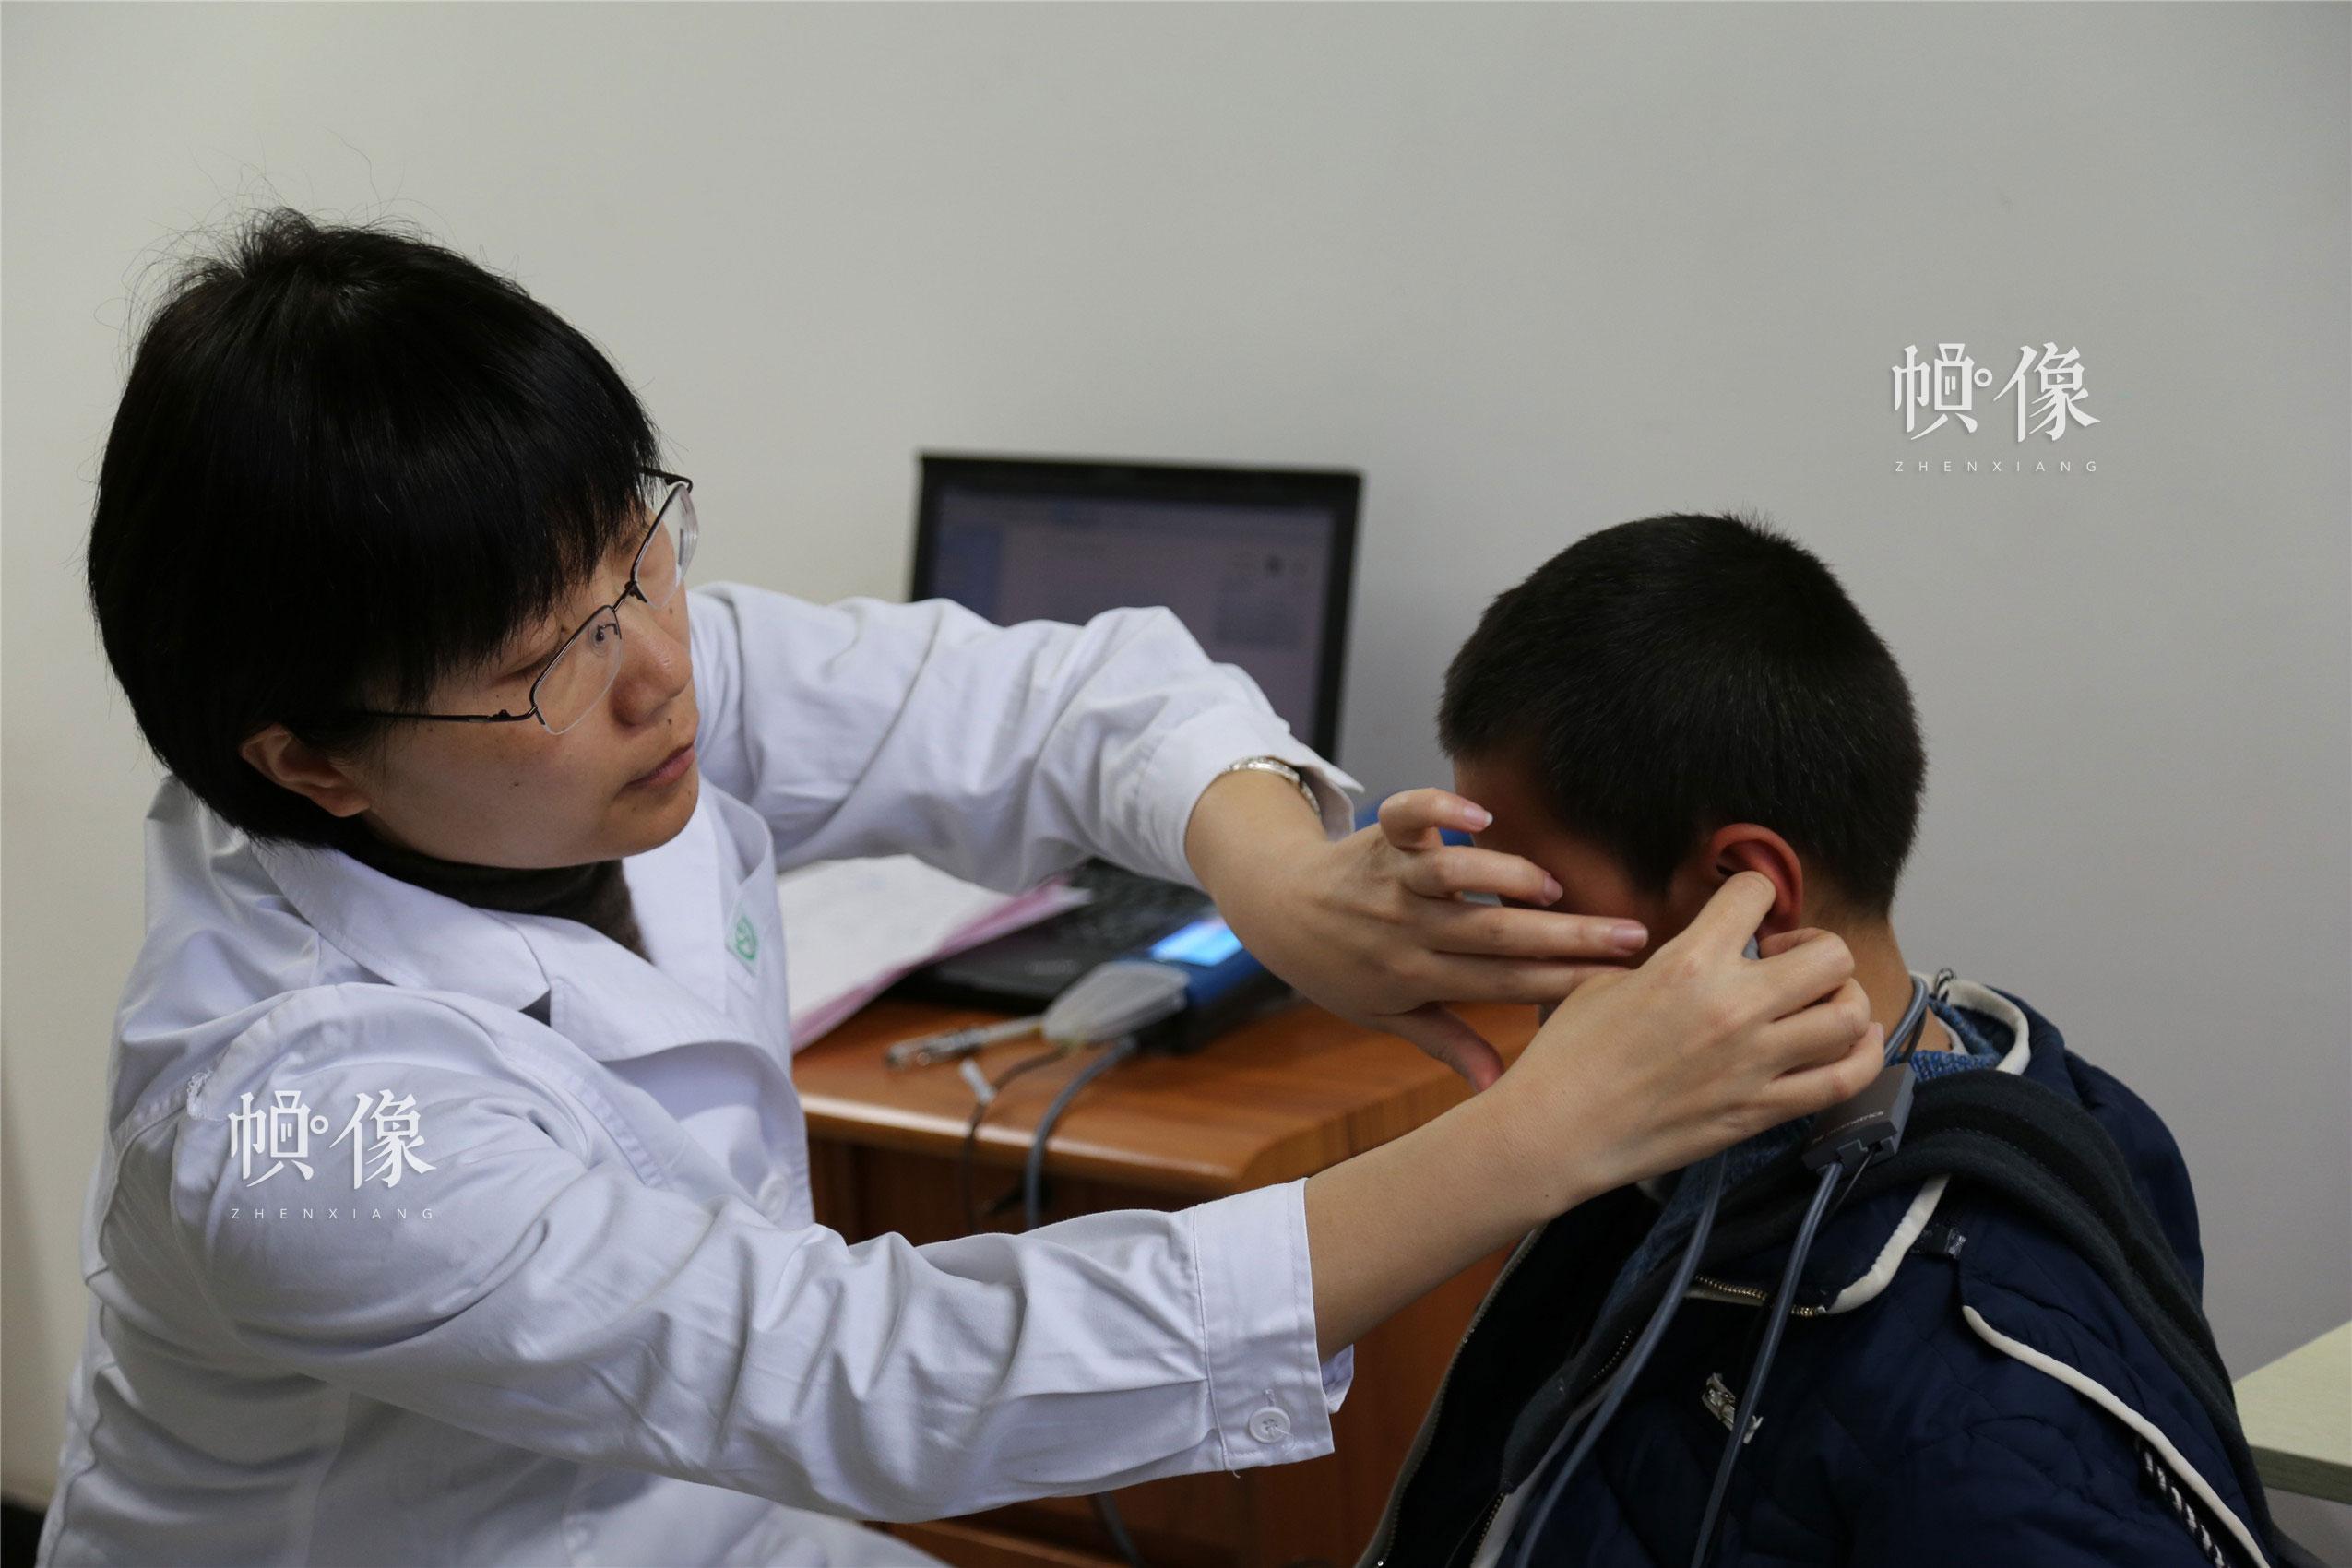 2018年1月21日,甘肃省陇南市西和县,精准扶贫医疗团队成员为听力障碍儿童进行筛查。中国网实习记者 李逸奇 摄